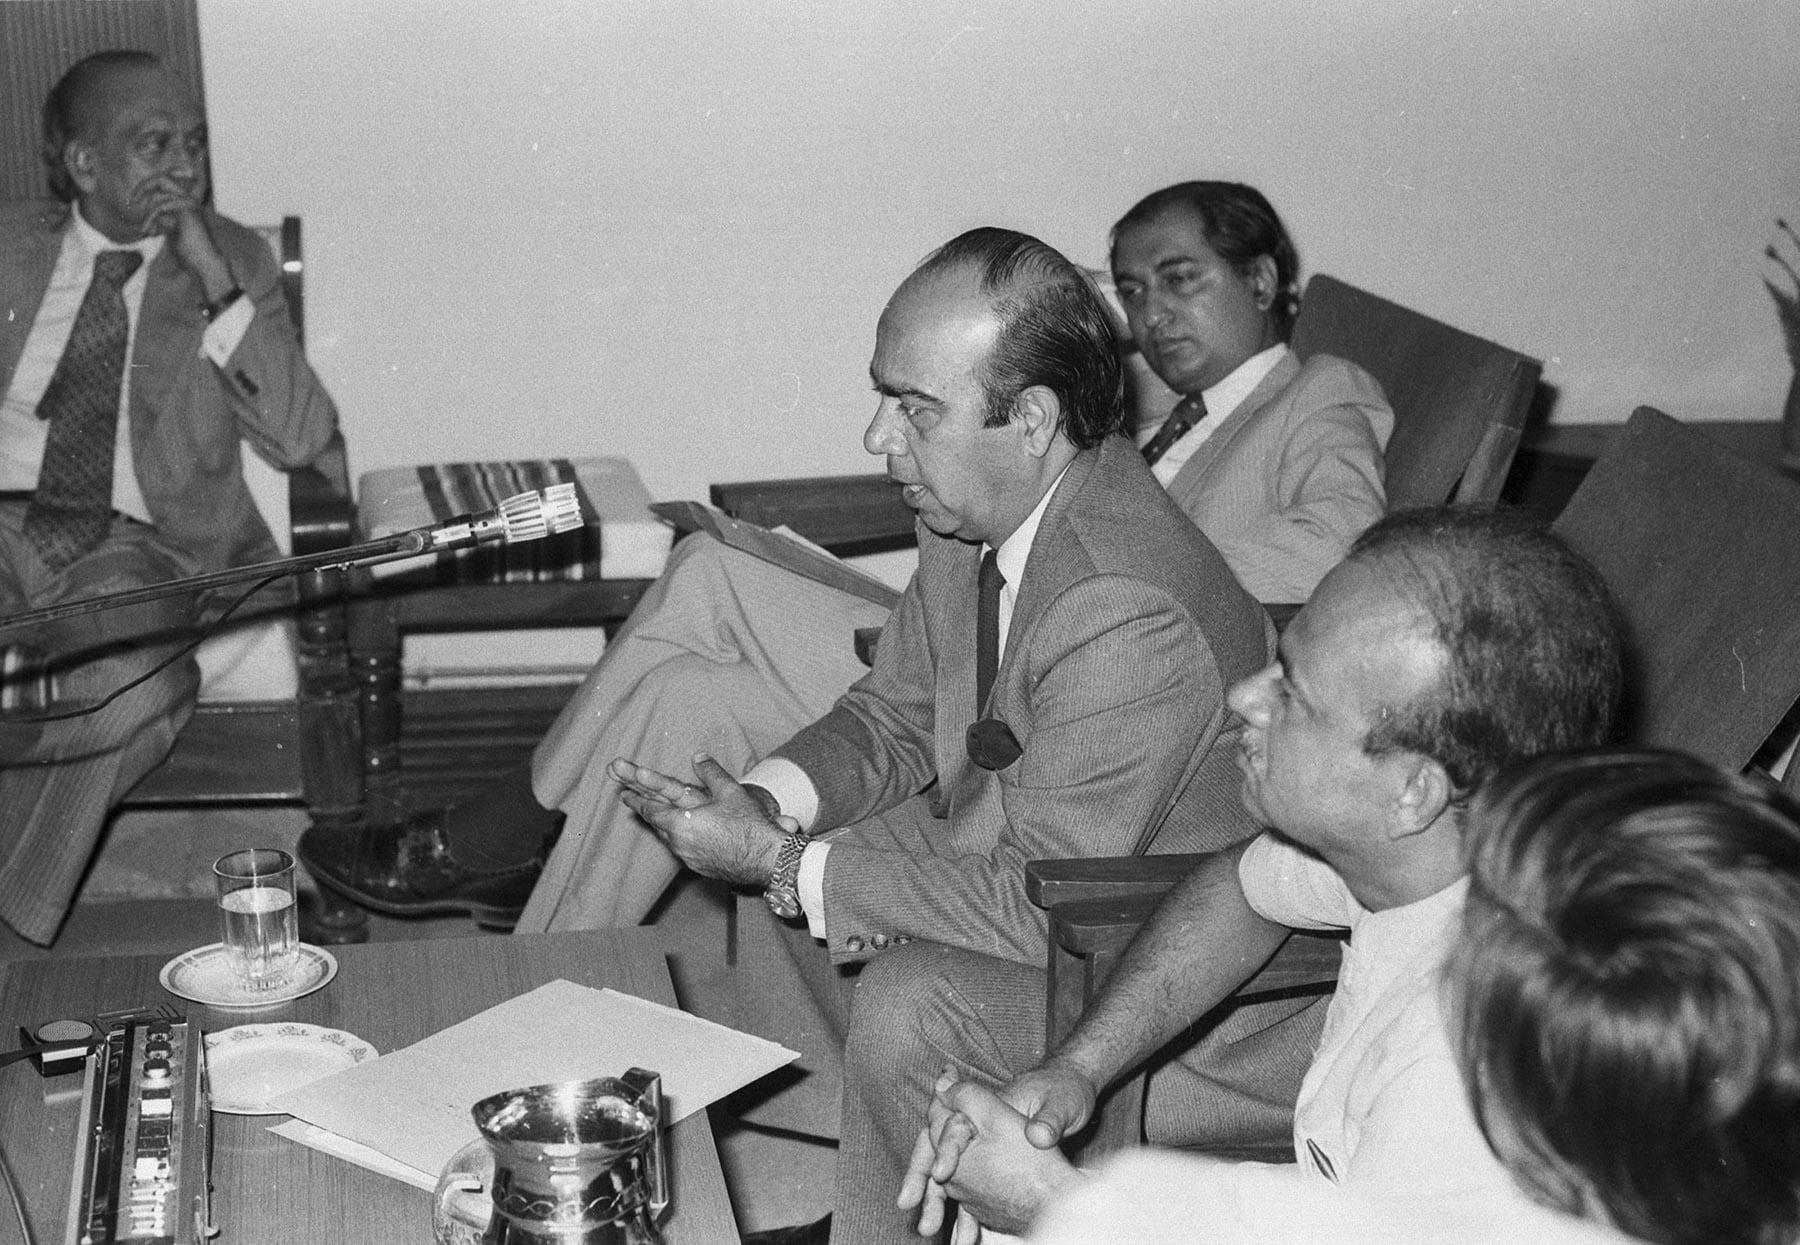 29 نومبر 1983ء کو بھارتی ہائی کمشنر شرما کراچی پریس کلب کے جلیس  ہال میں محو گفتگو ہیں— تصویر بشکریہ زاہد حسین